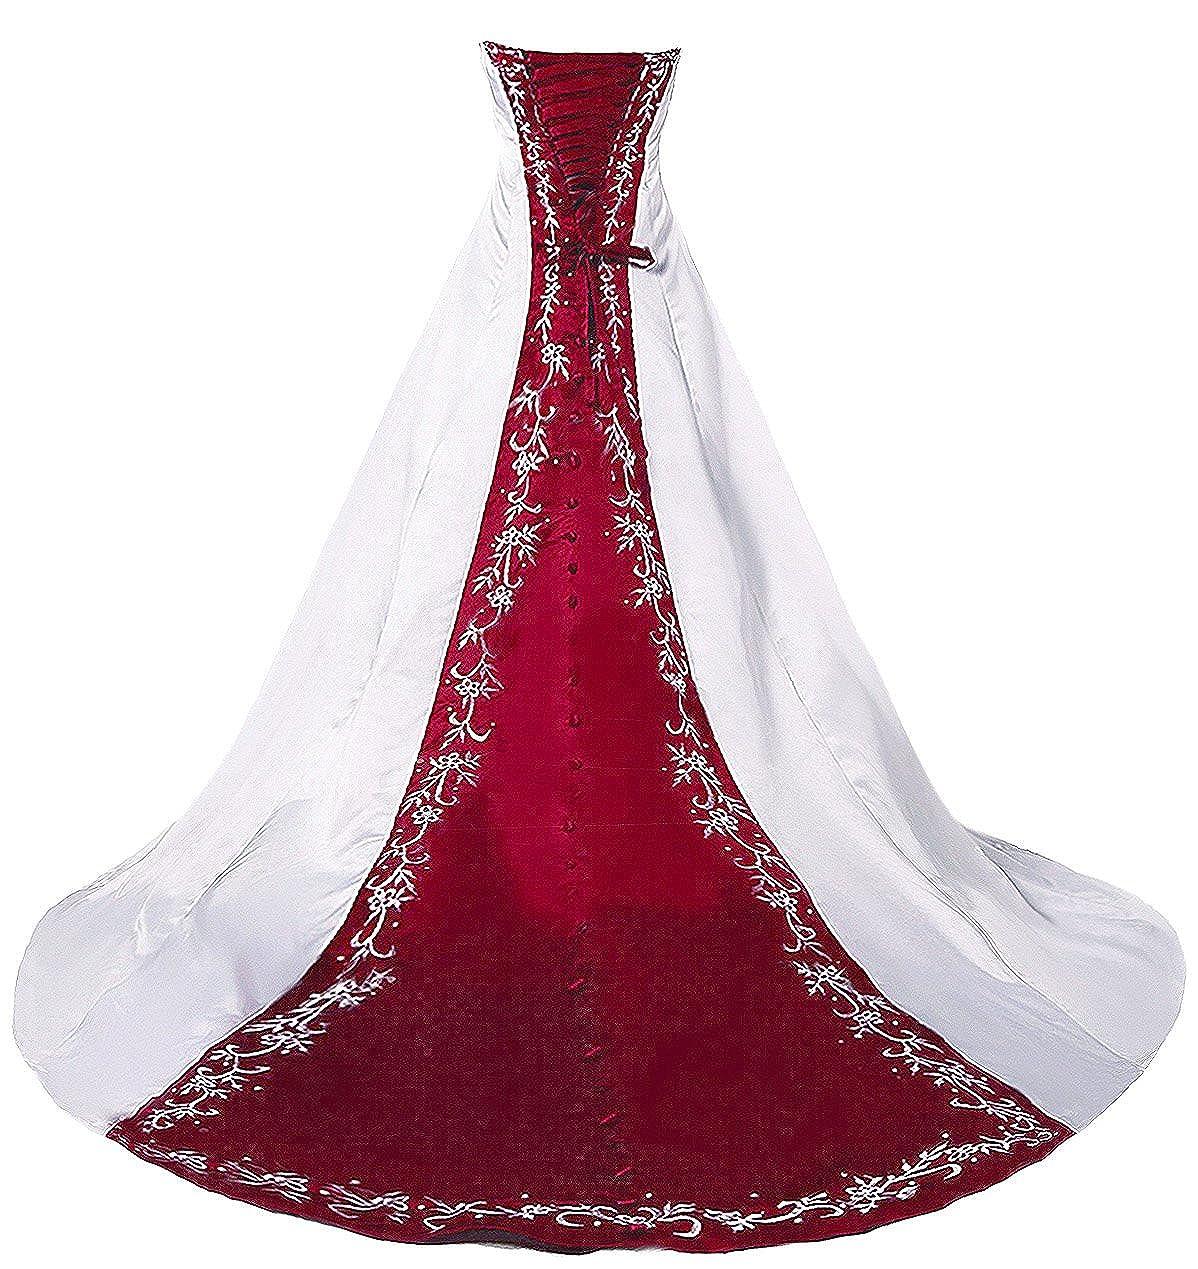 Faironly H36 trägerloses Stickerei Weiß Rot Brautkleider